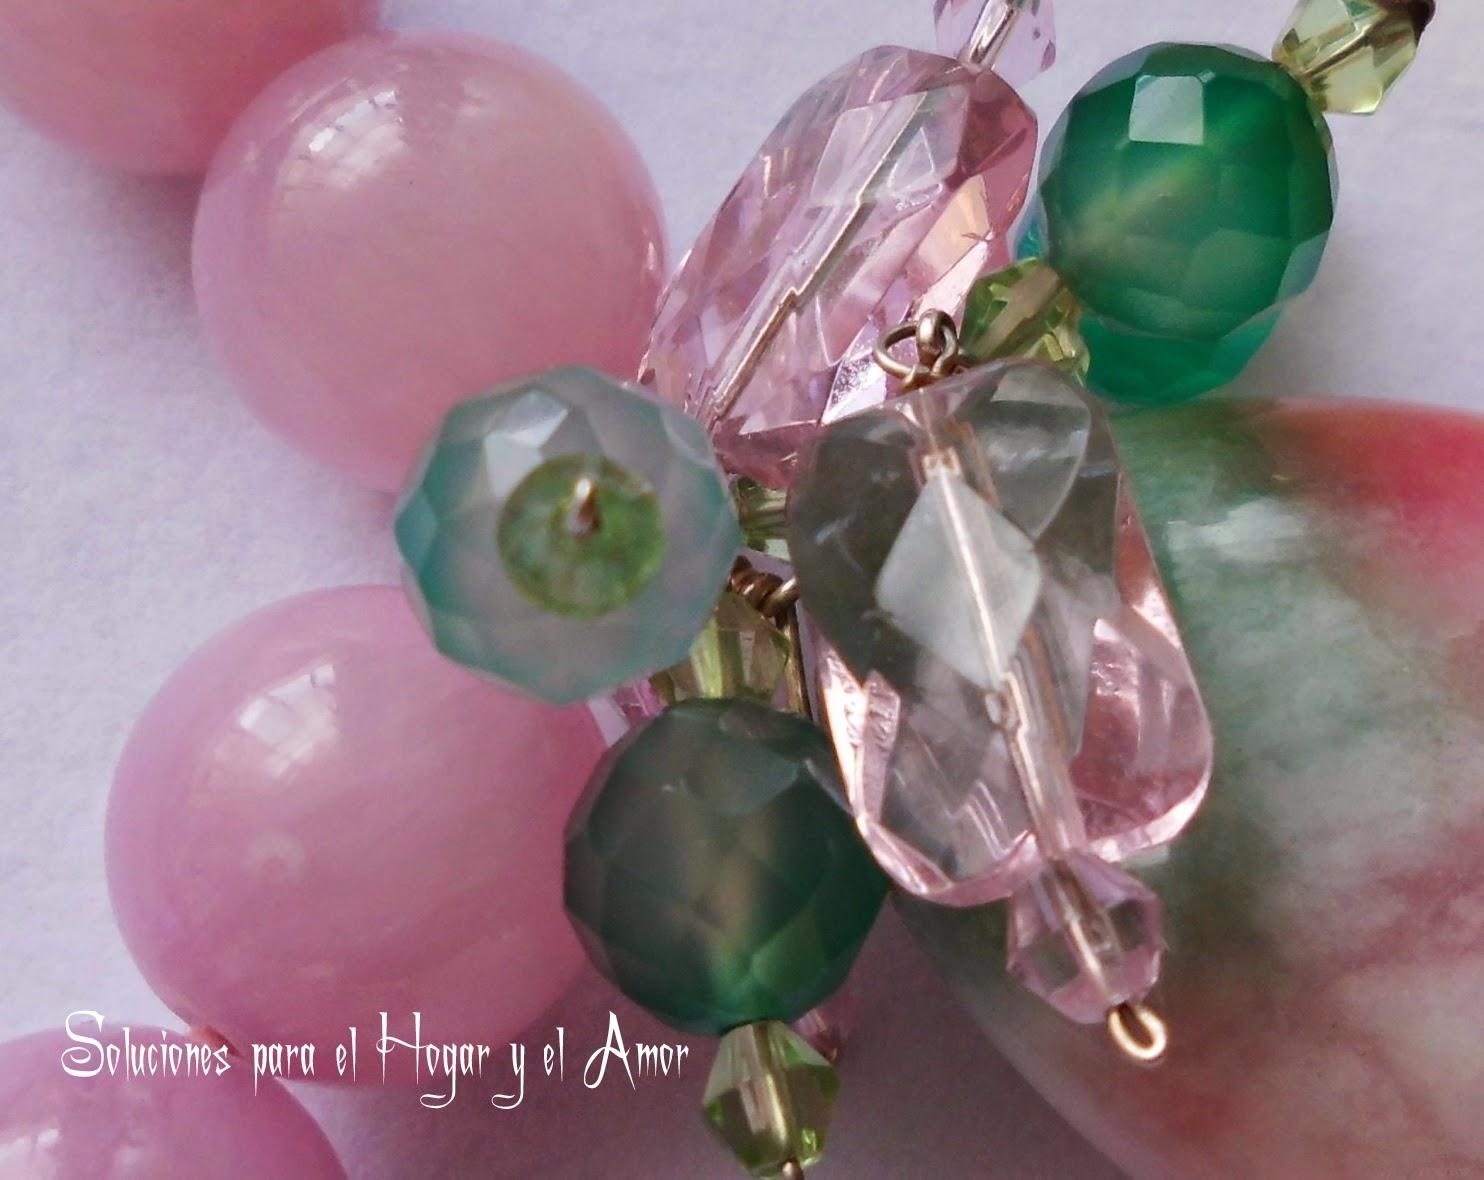 Cristales de Cuarzo rosa en esferas y cristales de swaroski